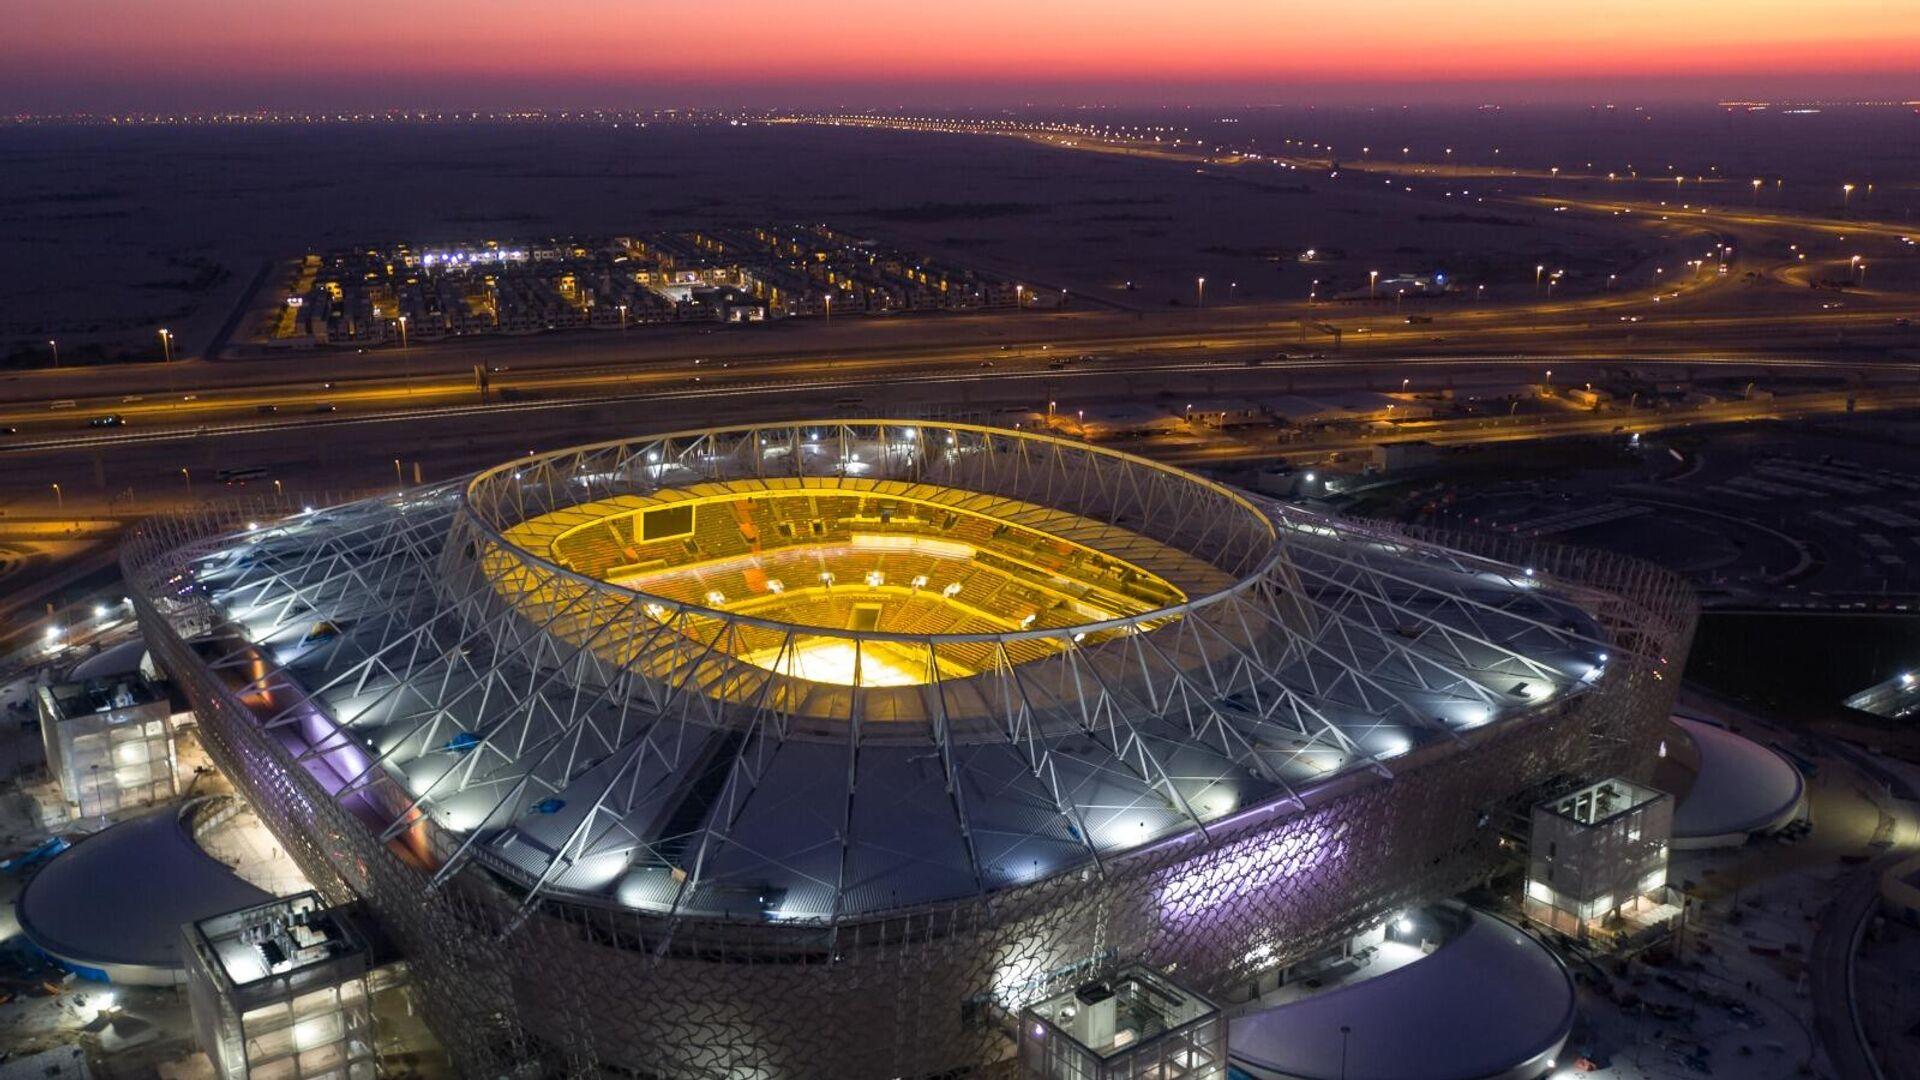 Стадион ЧМ-2022 в Катаре - РИА Новости, 1920, 01.02.2021